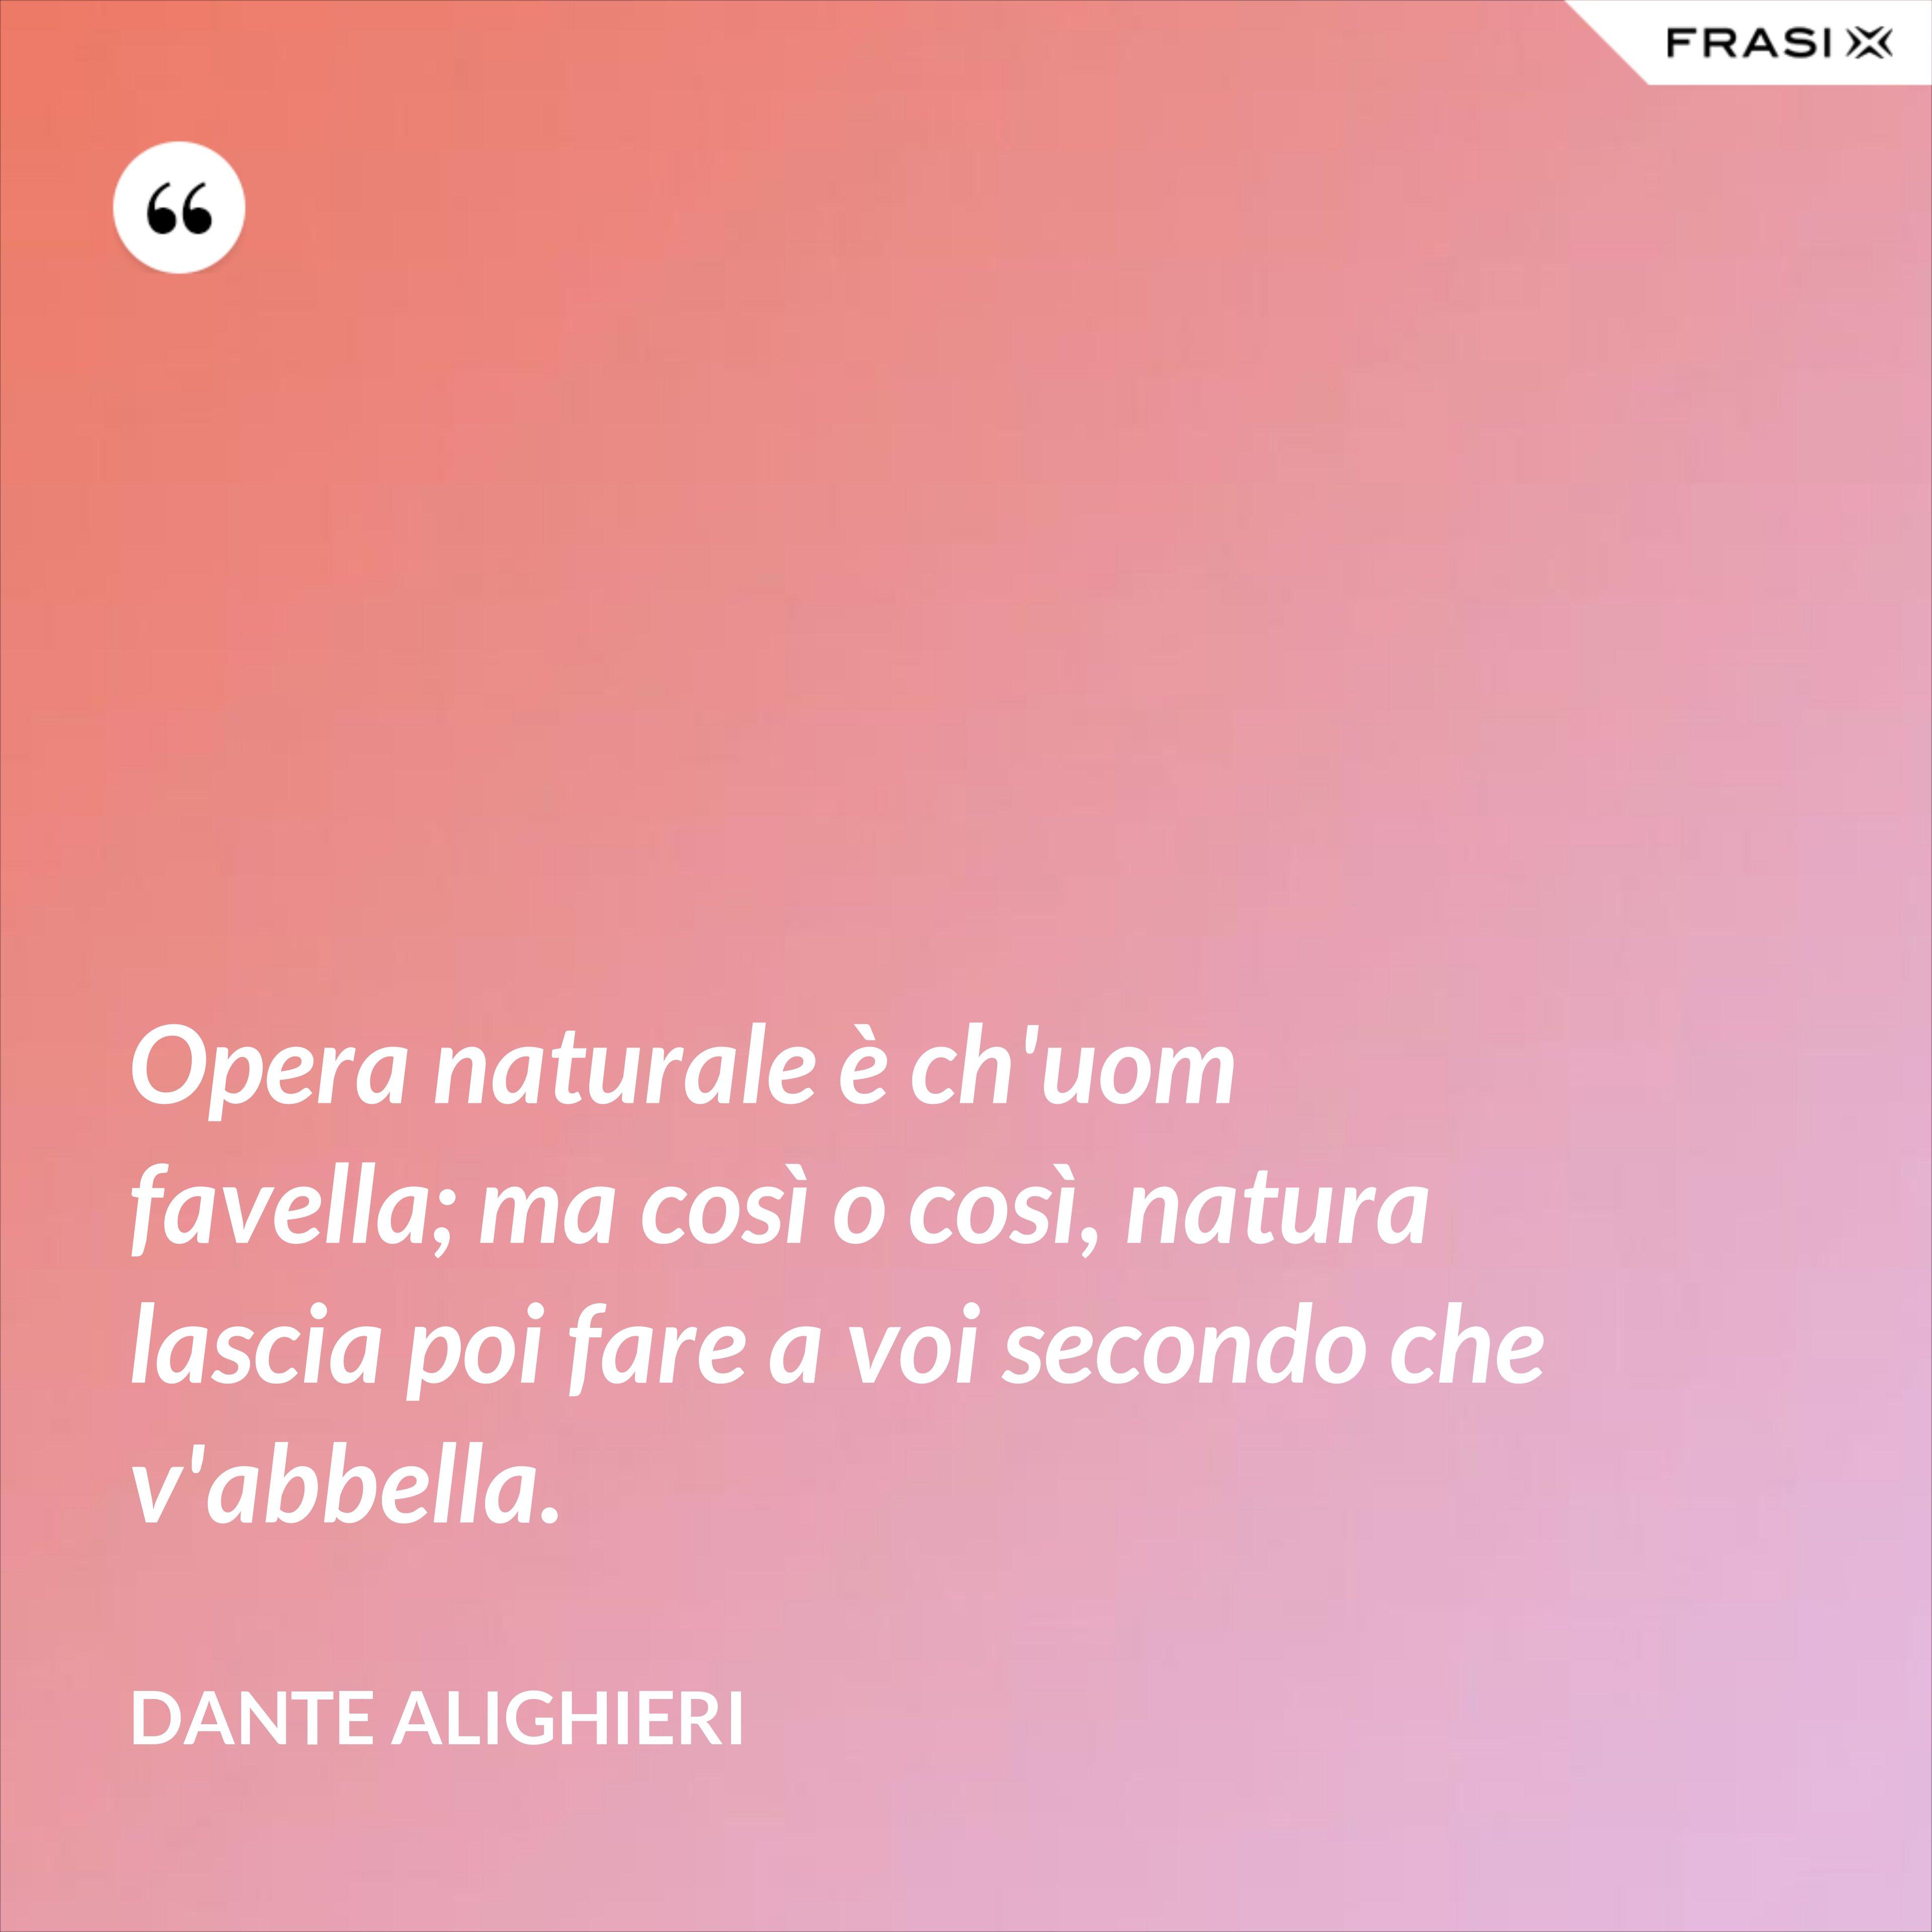 Opera naturale è ch'uom favella; ma così o così, natura lascia poi fare a voi secondo che v'abbella. - Dante Alighieri